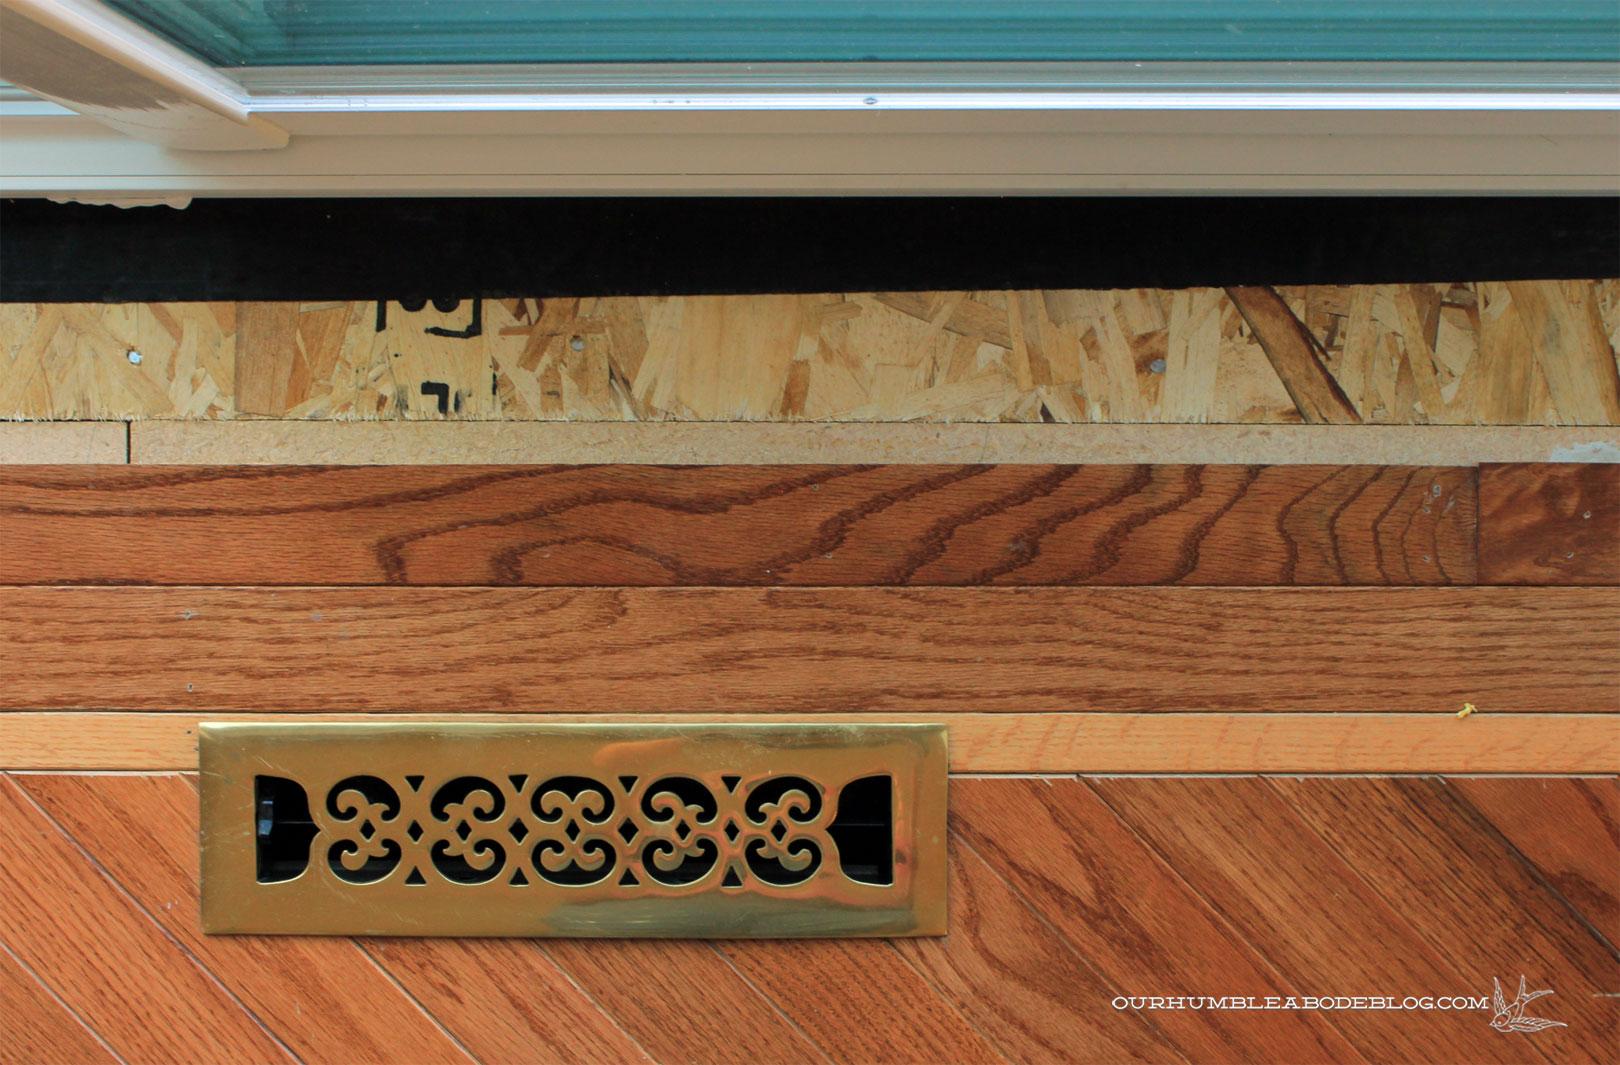 & Master-Bedroom-Door-Threshold-Needed